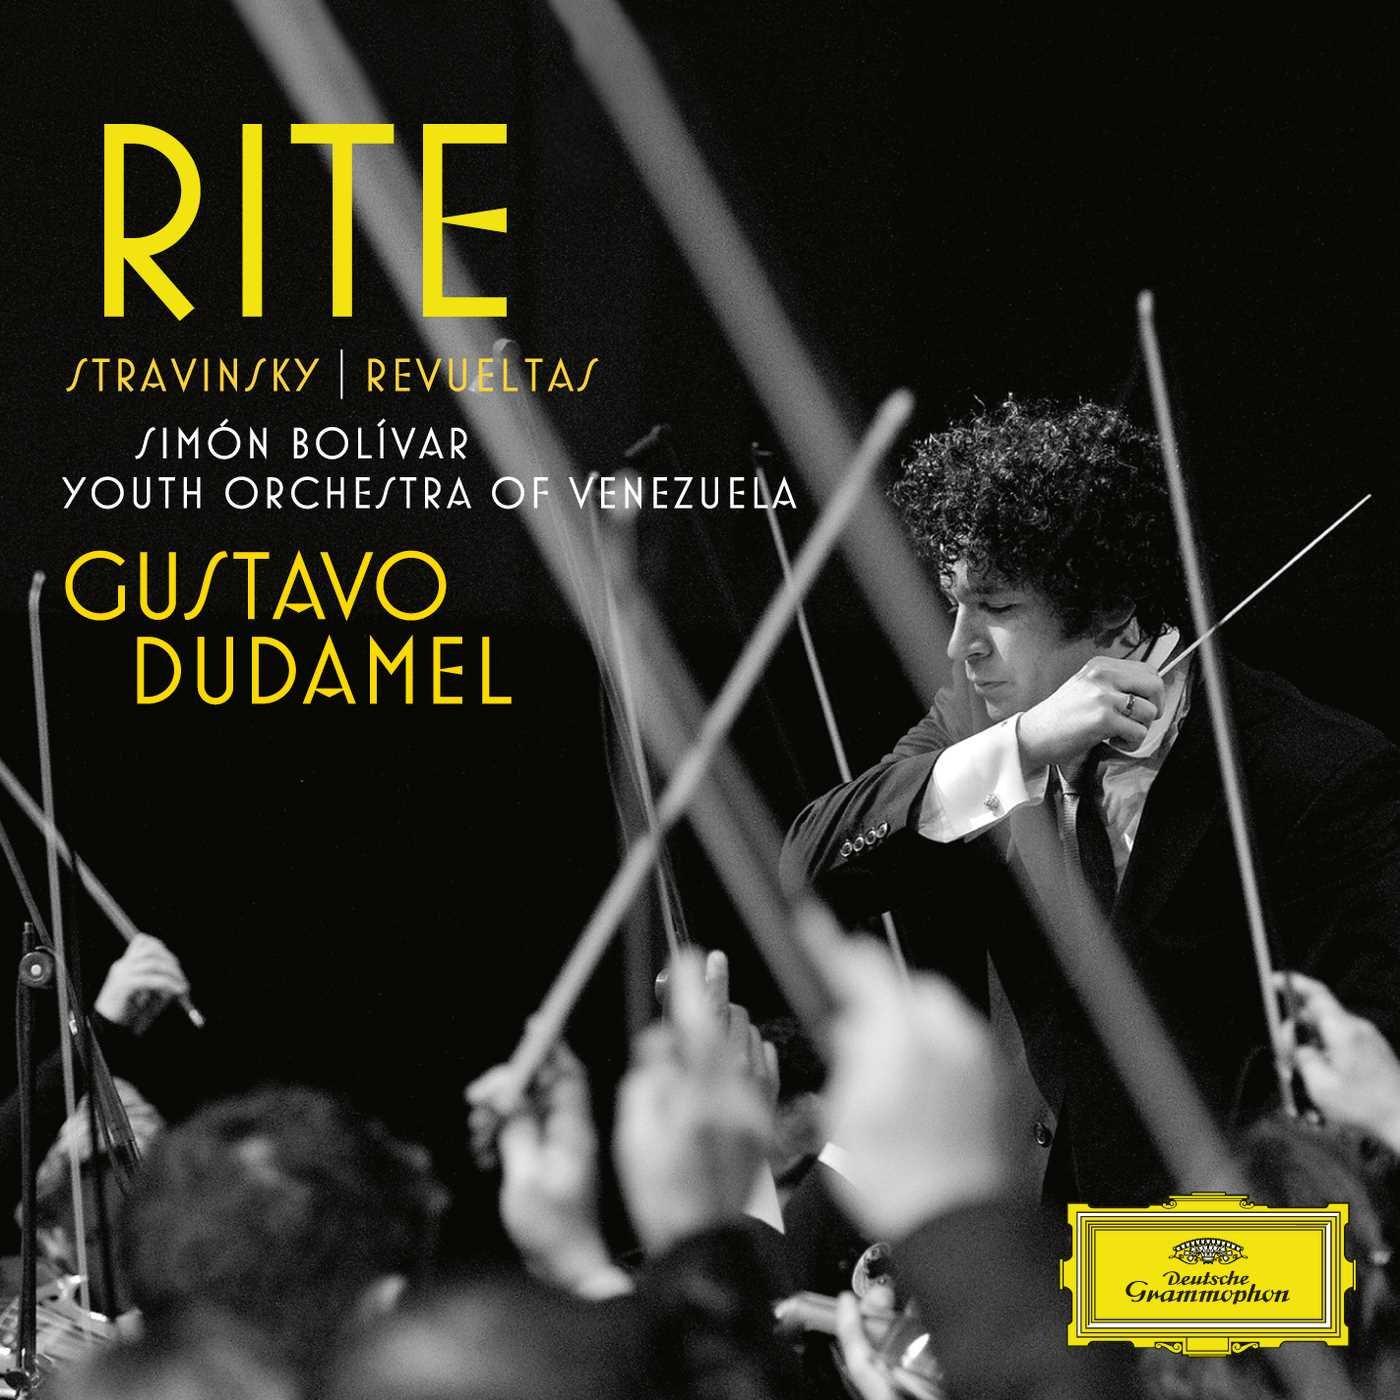 Rite- Stravinsky: Le Sacre du Printemps / Revueltas: La Noche de los Mayas